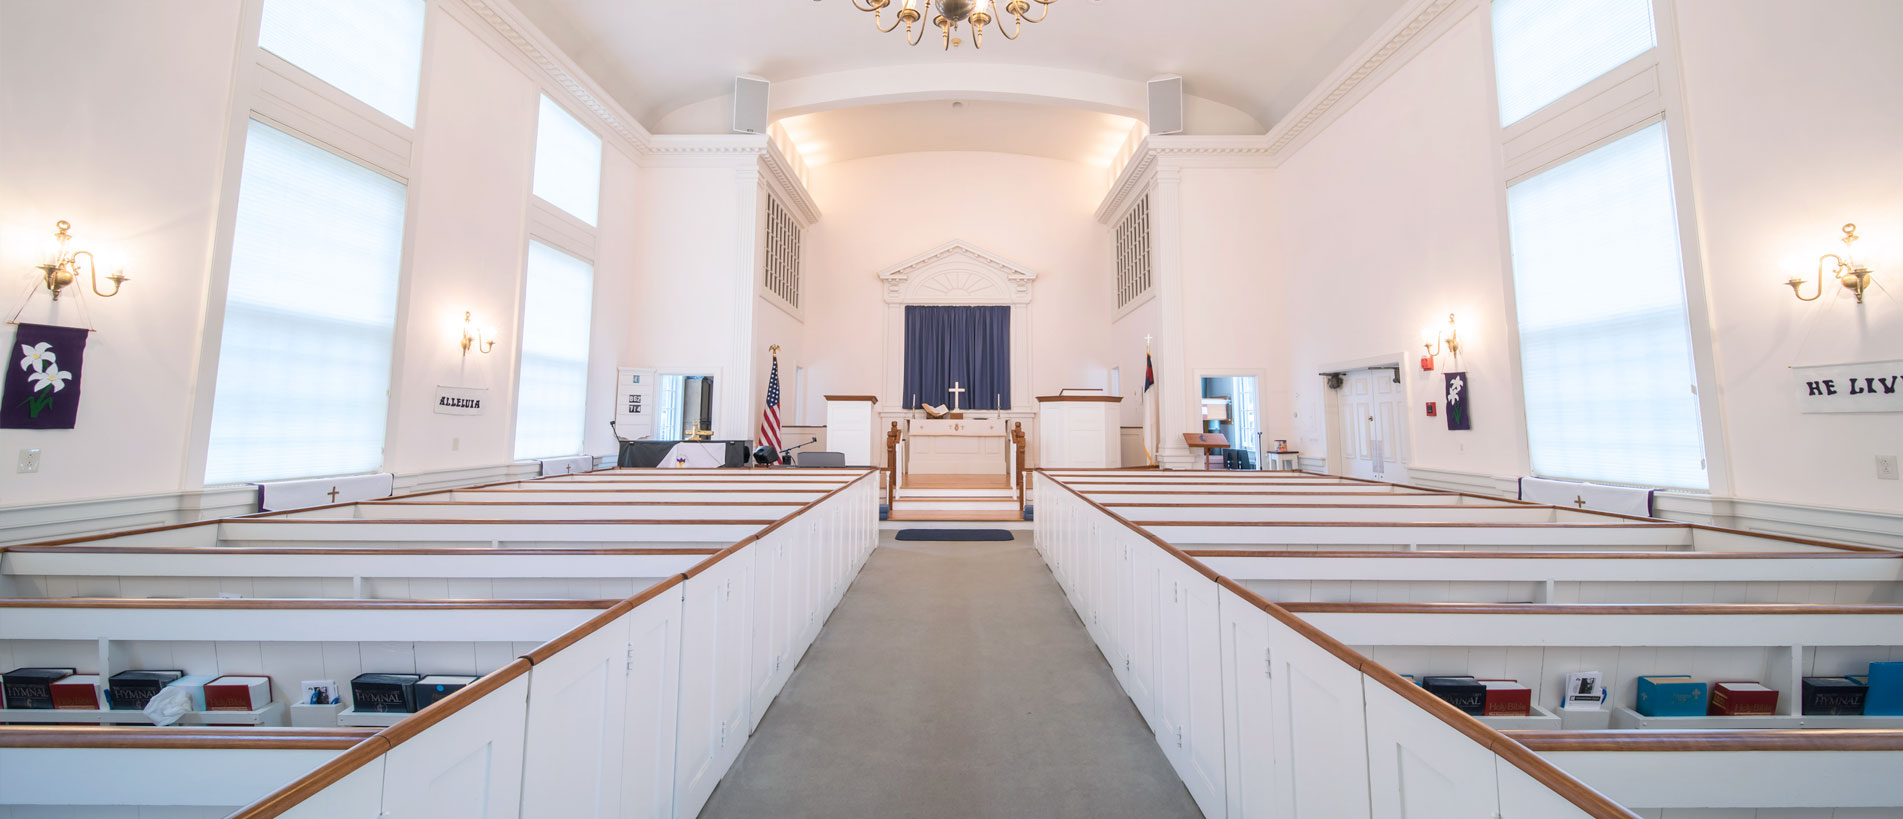 Bakerville Church Sanctuary